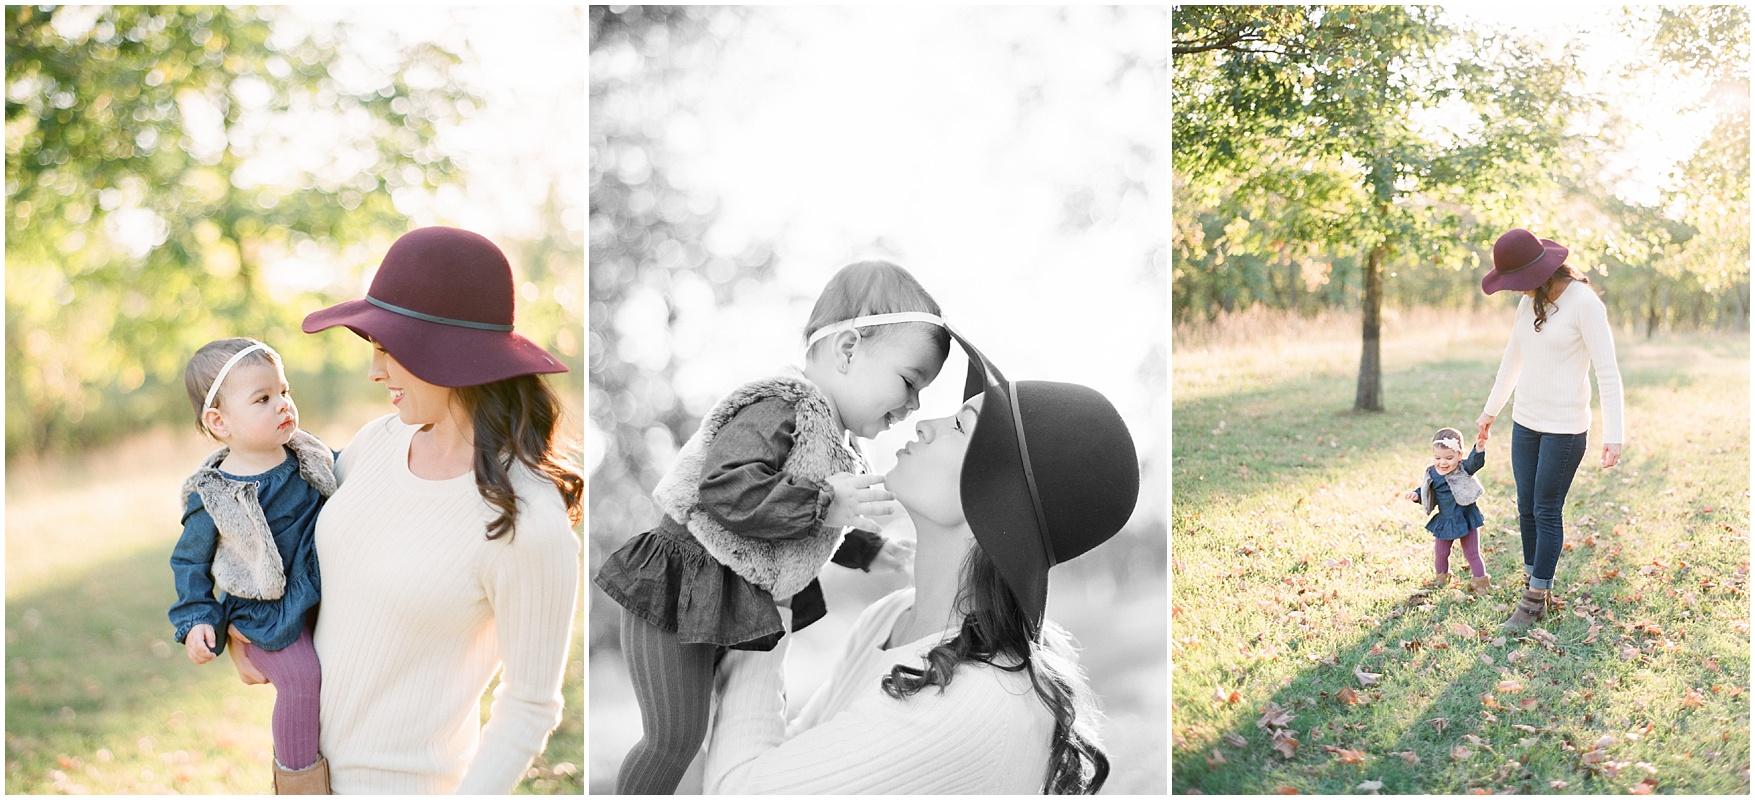 wedding photography st louis_lauren muckler photography_film photographer_film wedding_0227.jpg